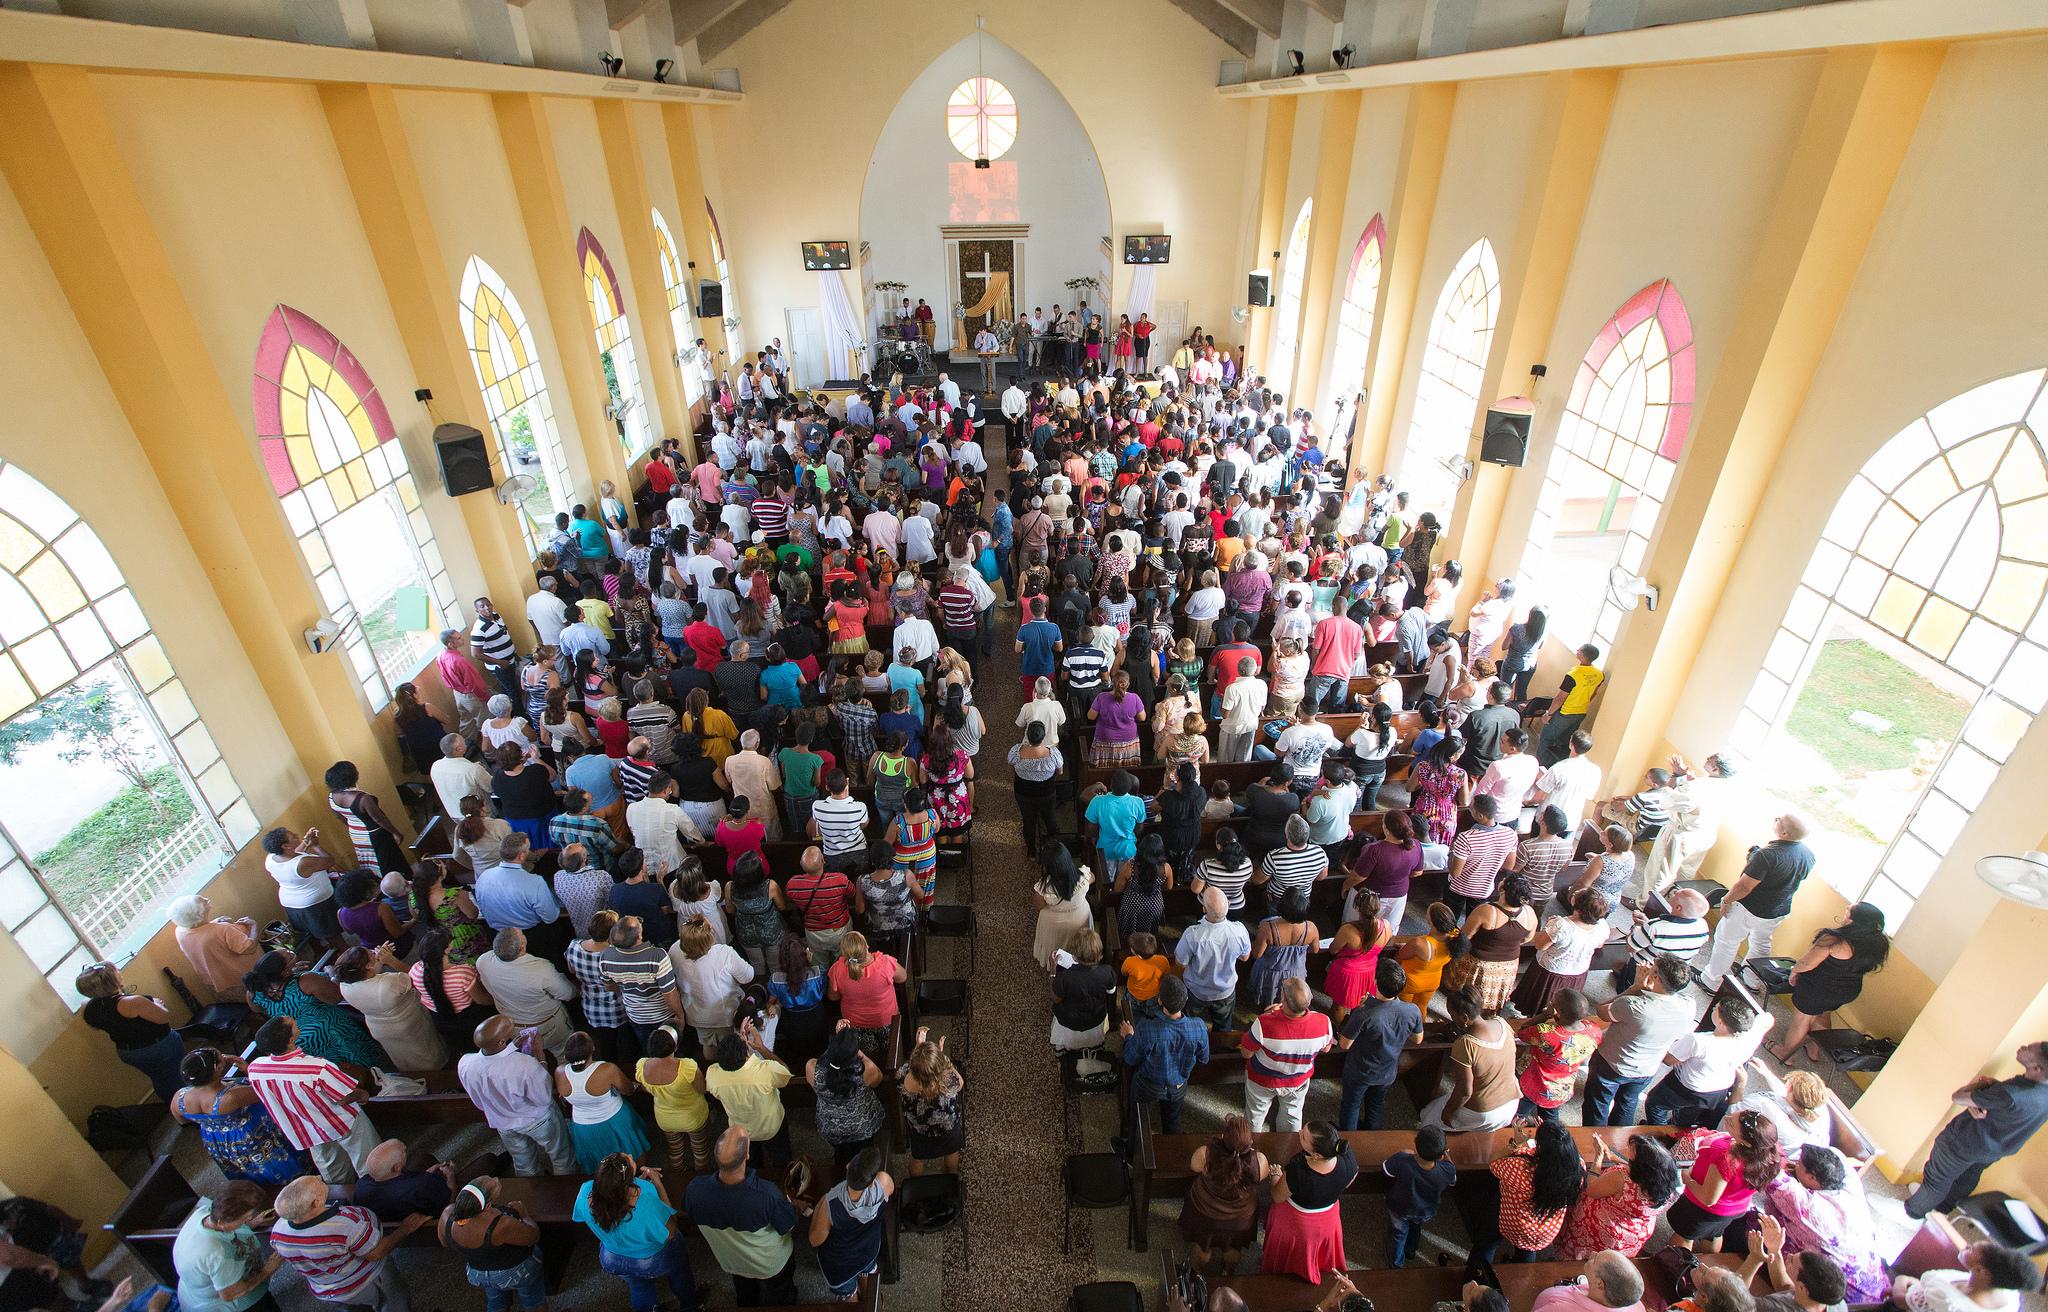 Iglesia Metodista Marianao en la Habana, Cuba. Foto cortesía de Mike DuBose.